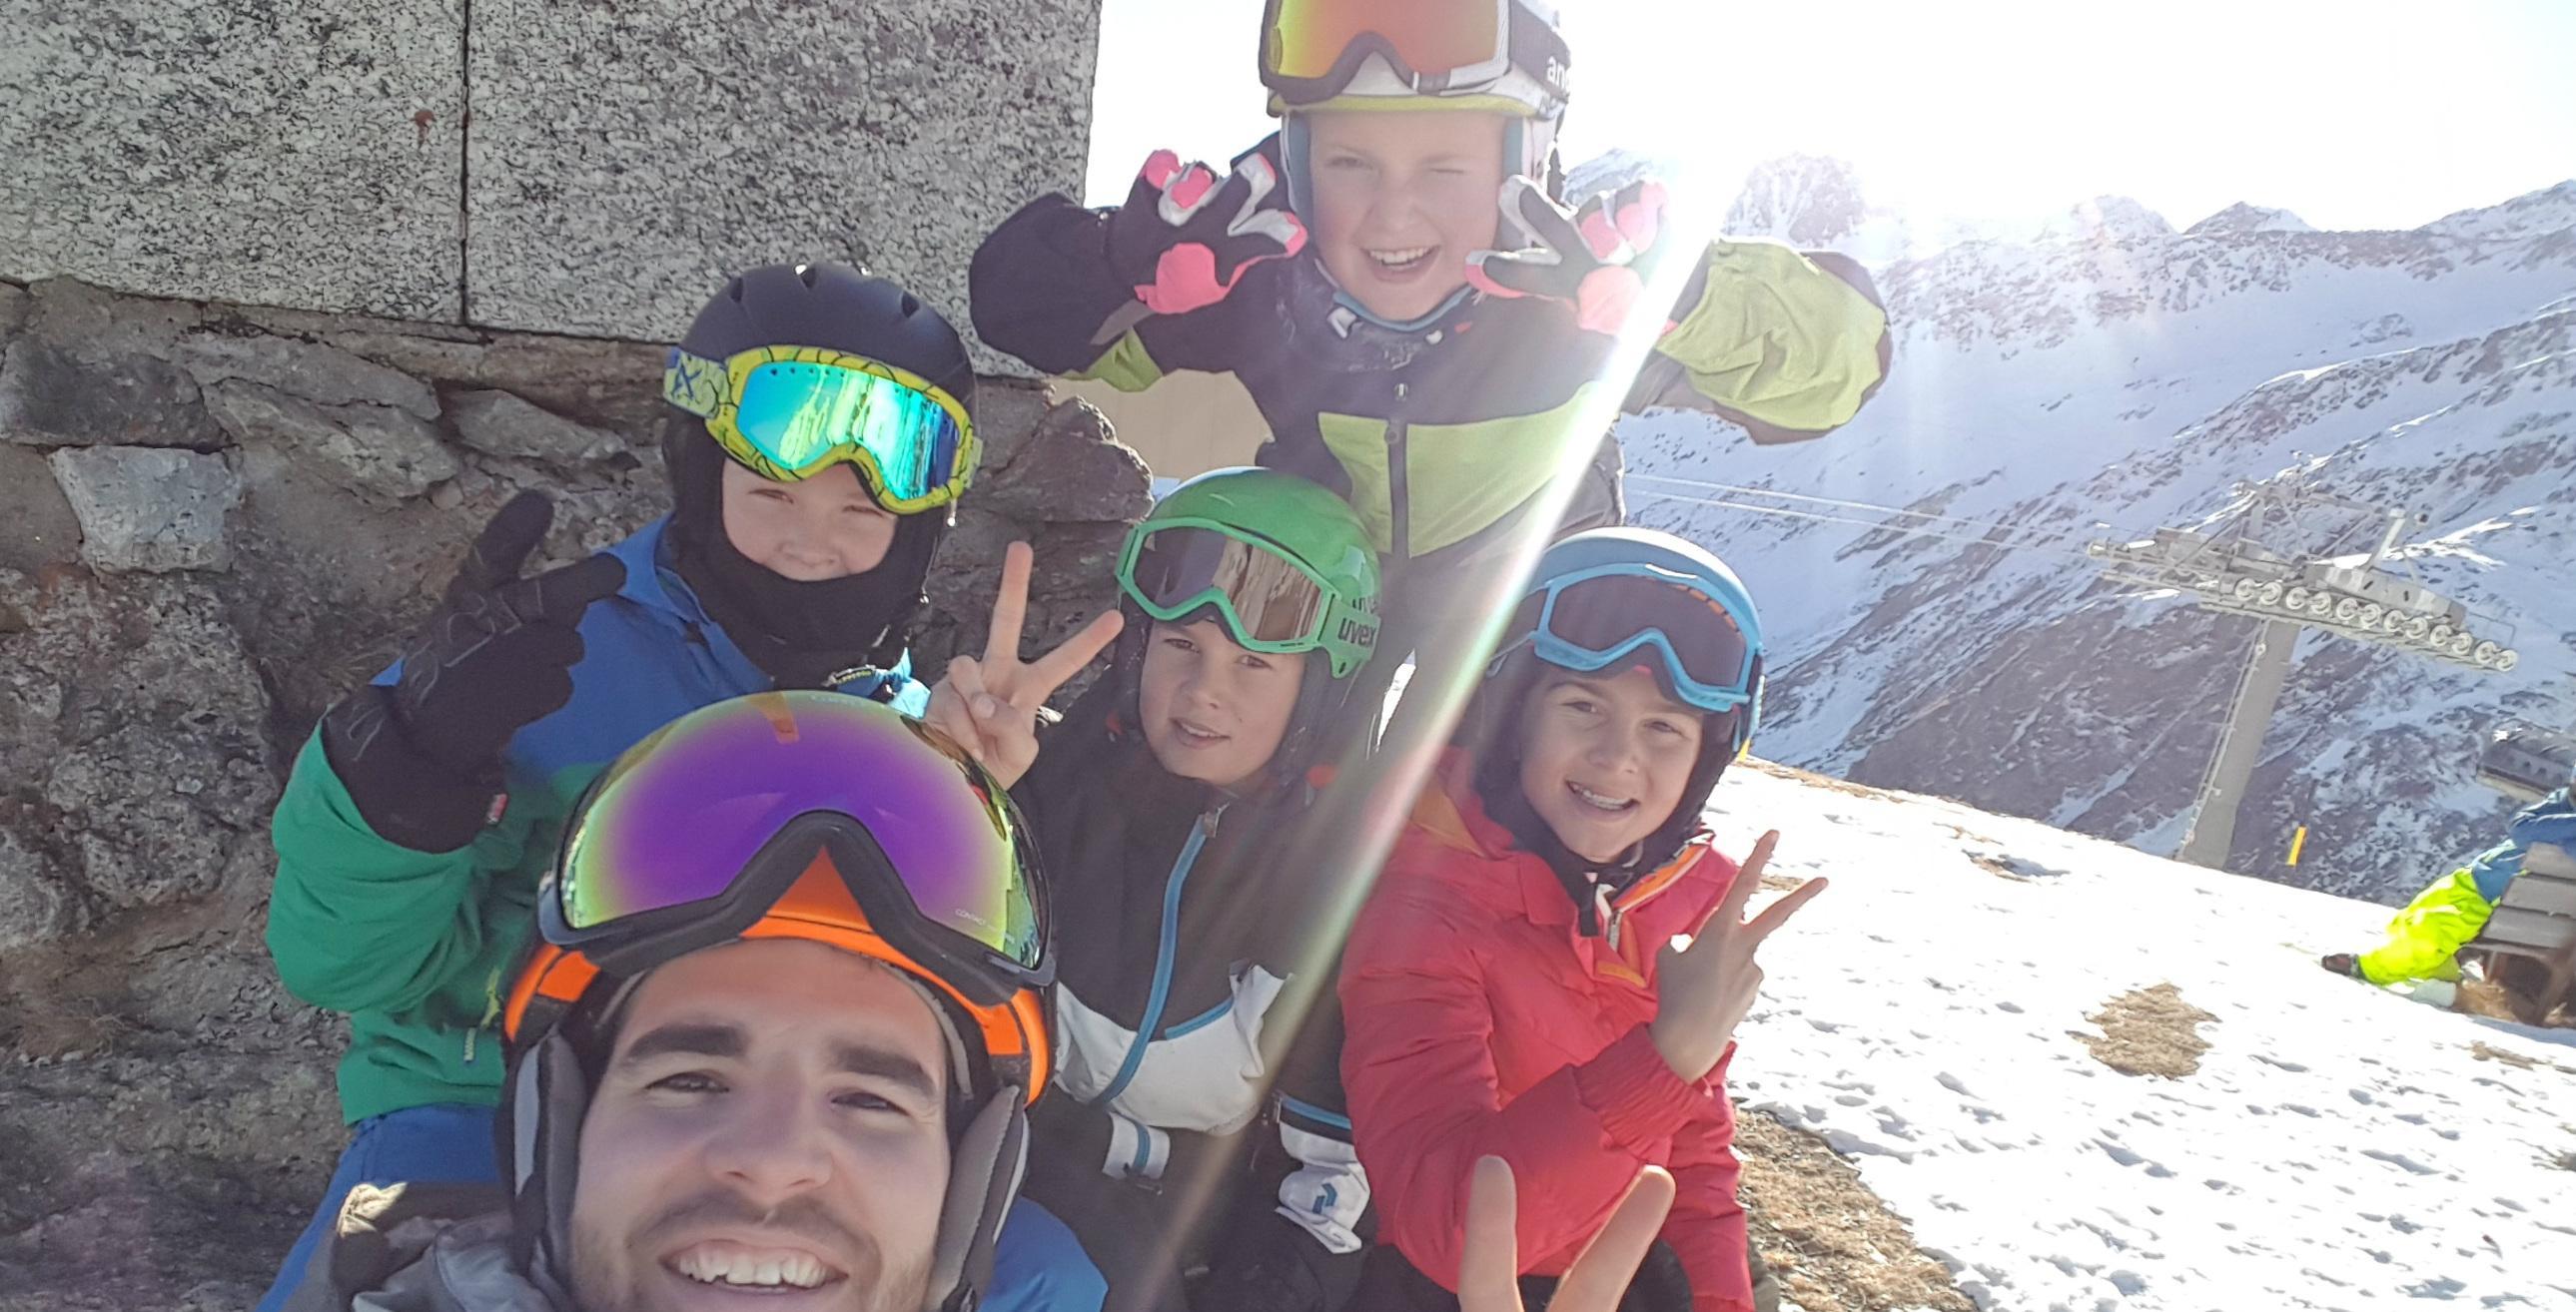 Cours de ski pour Enfants dès 7 ans - Avec expérience